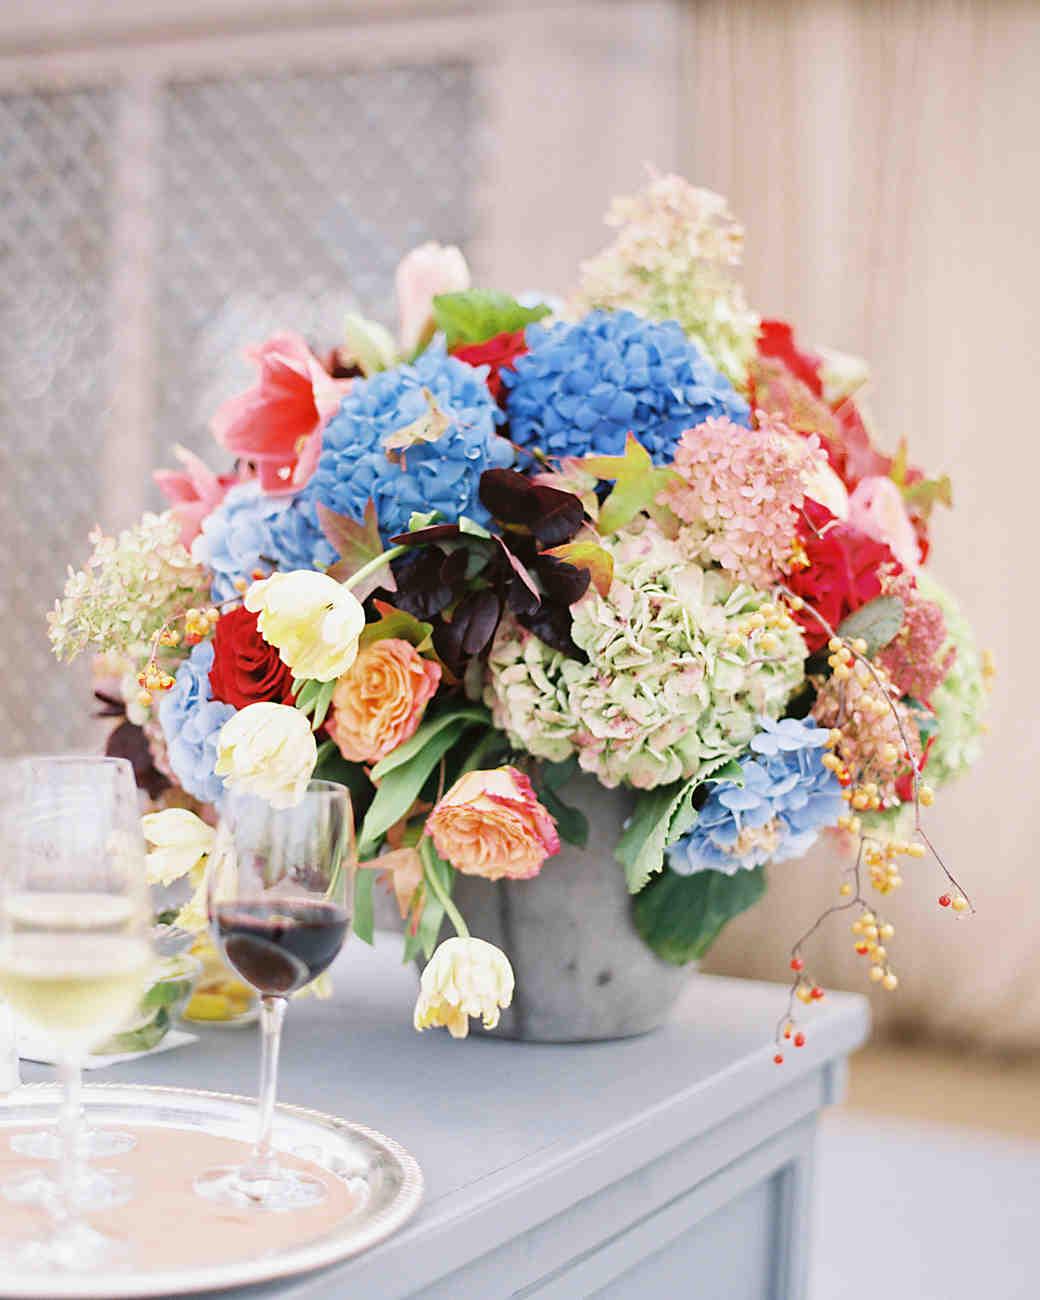 Blue, white and pink hydrangea wedding centerpiece